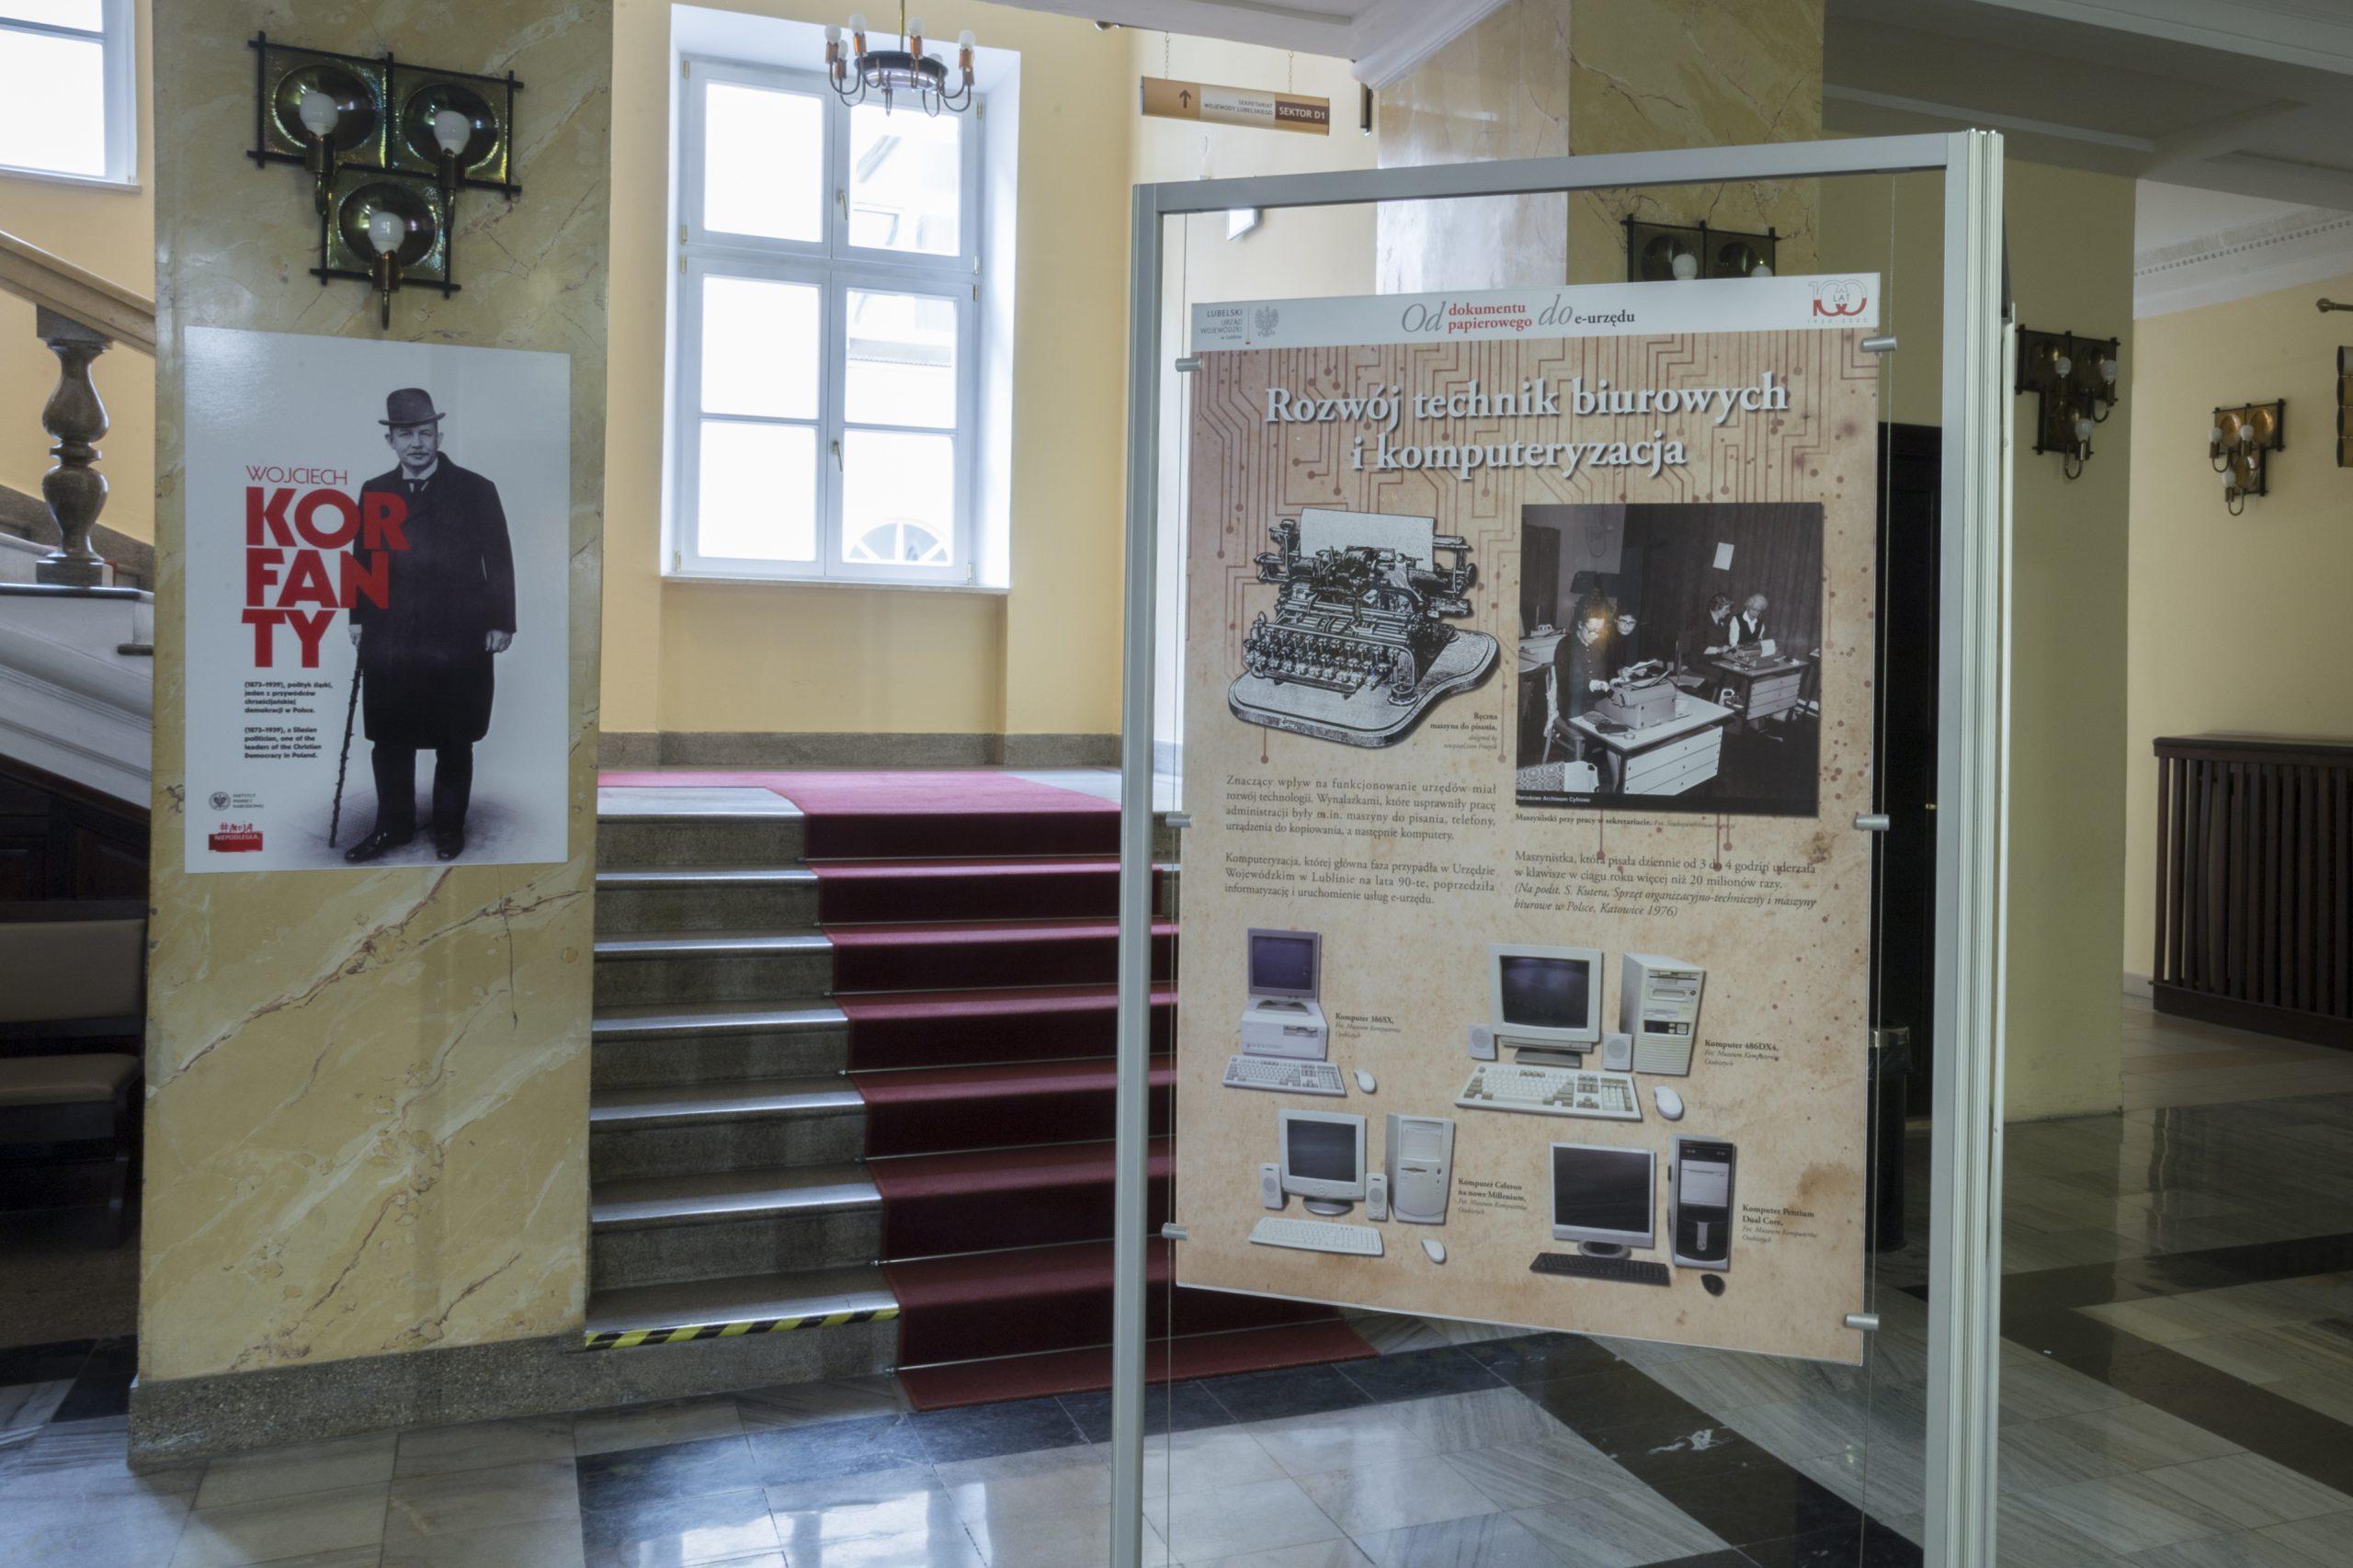 Od  dokumentu papierowego do e-Urzędu – wystawa w Lublinie